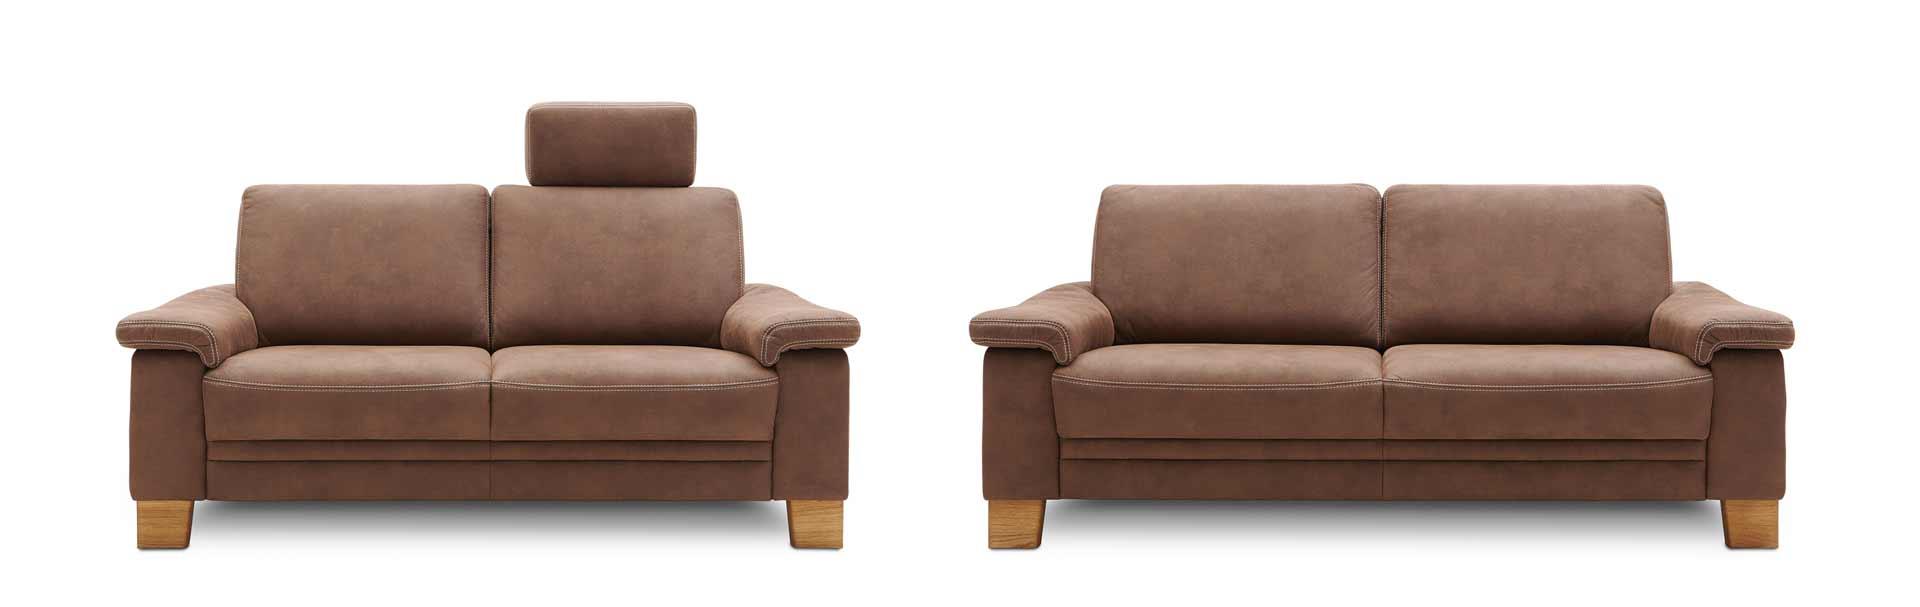 natura harrisburg von natura einrichten in garbsen nahe hannover m bel hesse bestechende. Black Bedroom Furniture Sets. Home Design Ideas